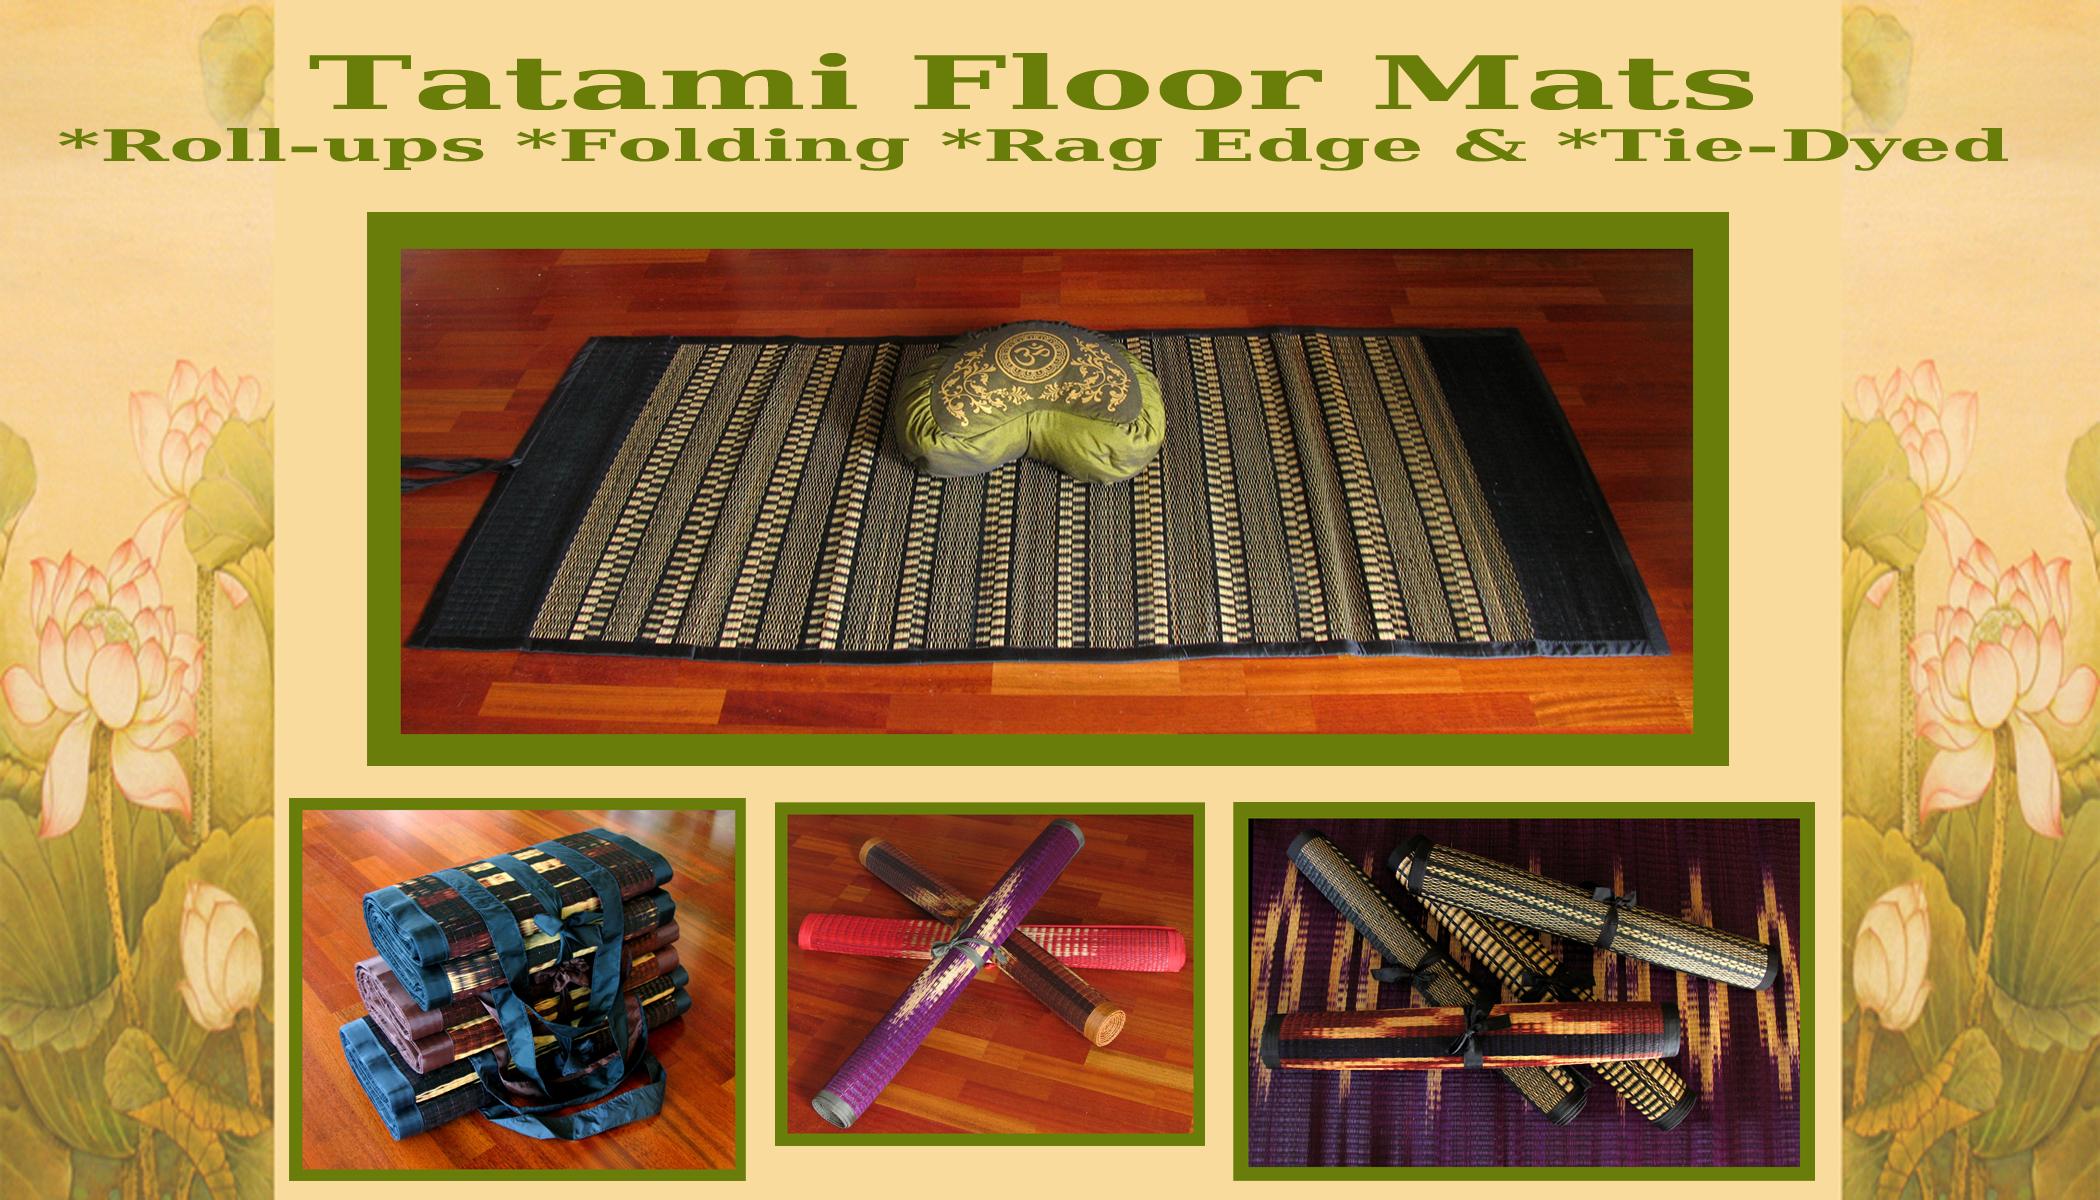 tatami-tiedyed-floor-mats.jpg